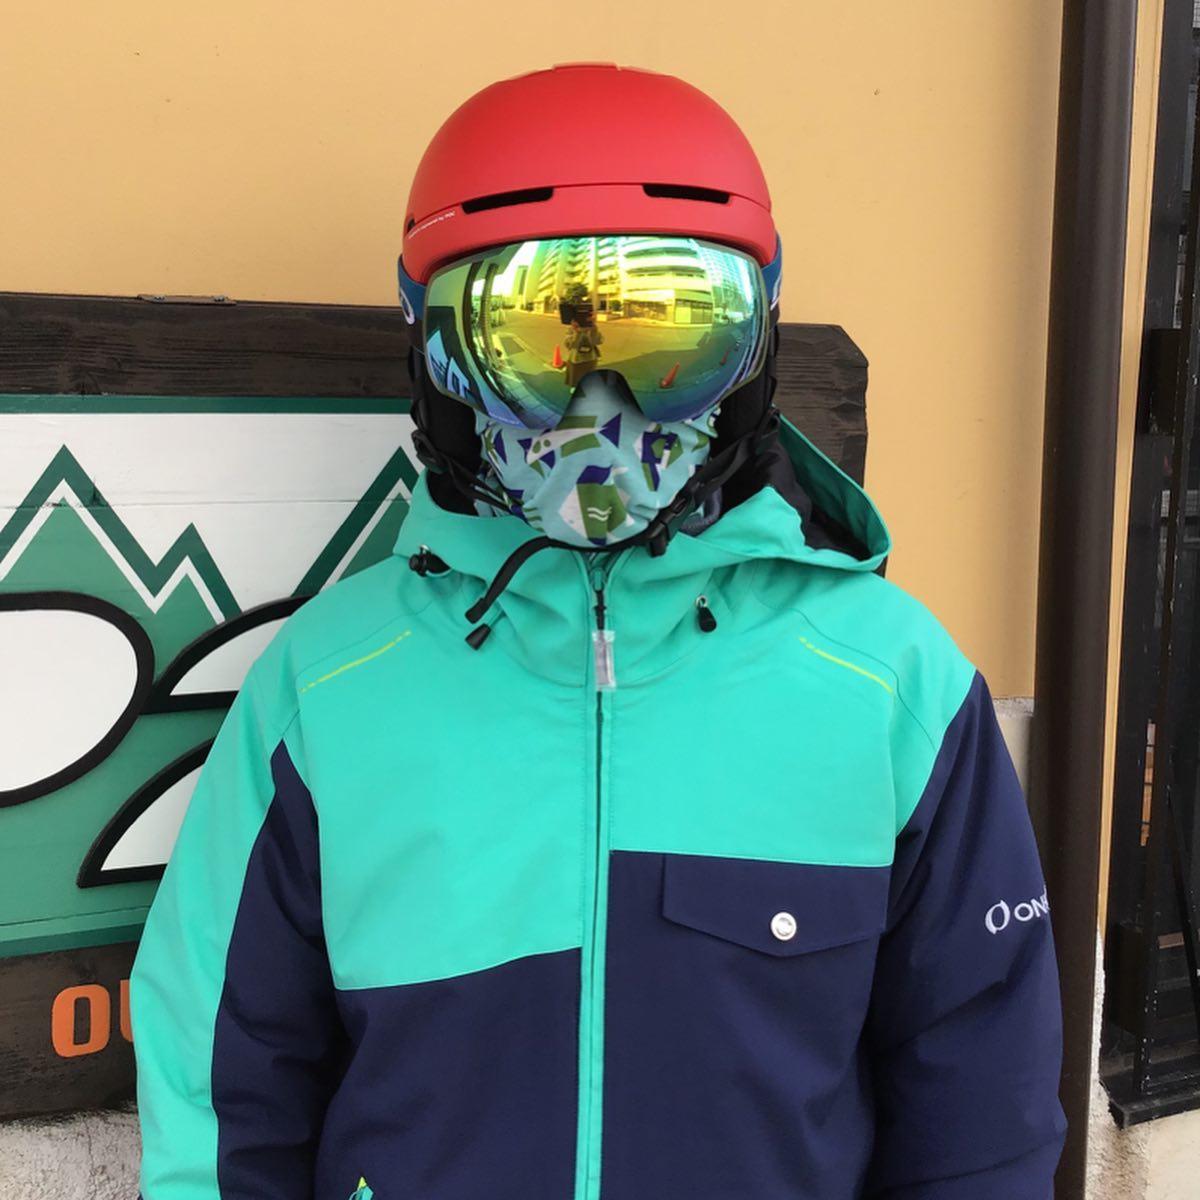 今すぐスキーに行きたくなるコーディネートのご紹介